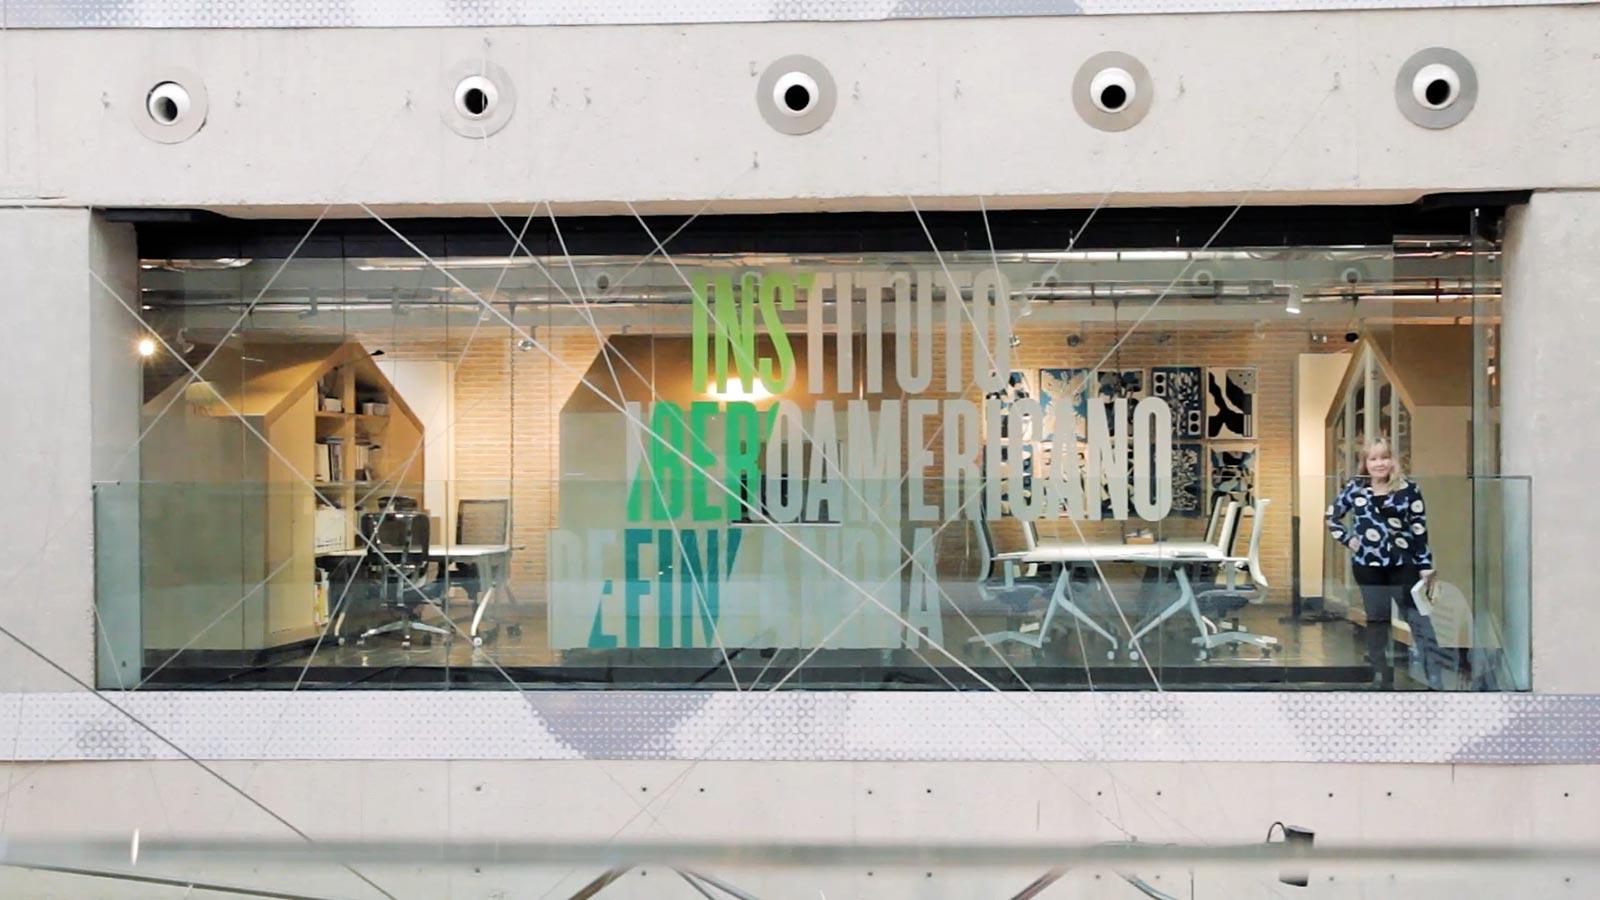 El Instituto Iberoamericano de Finlandia y el Club del Diseño del Design Museum con transfersdesign.eu